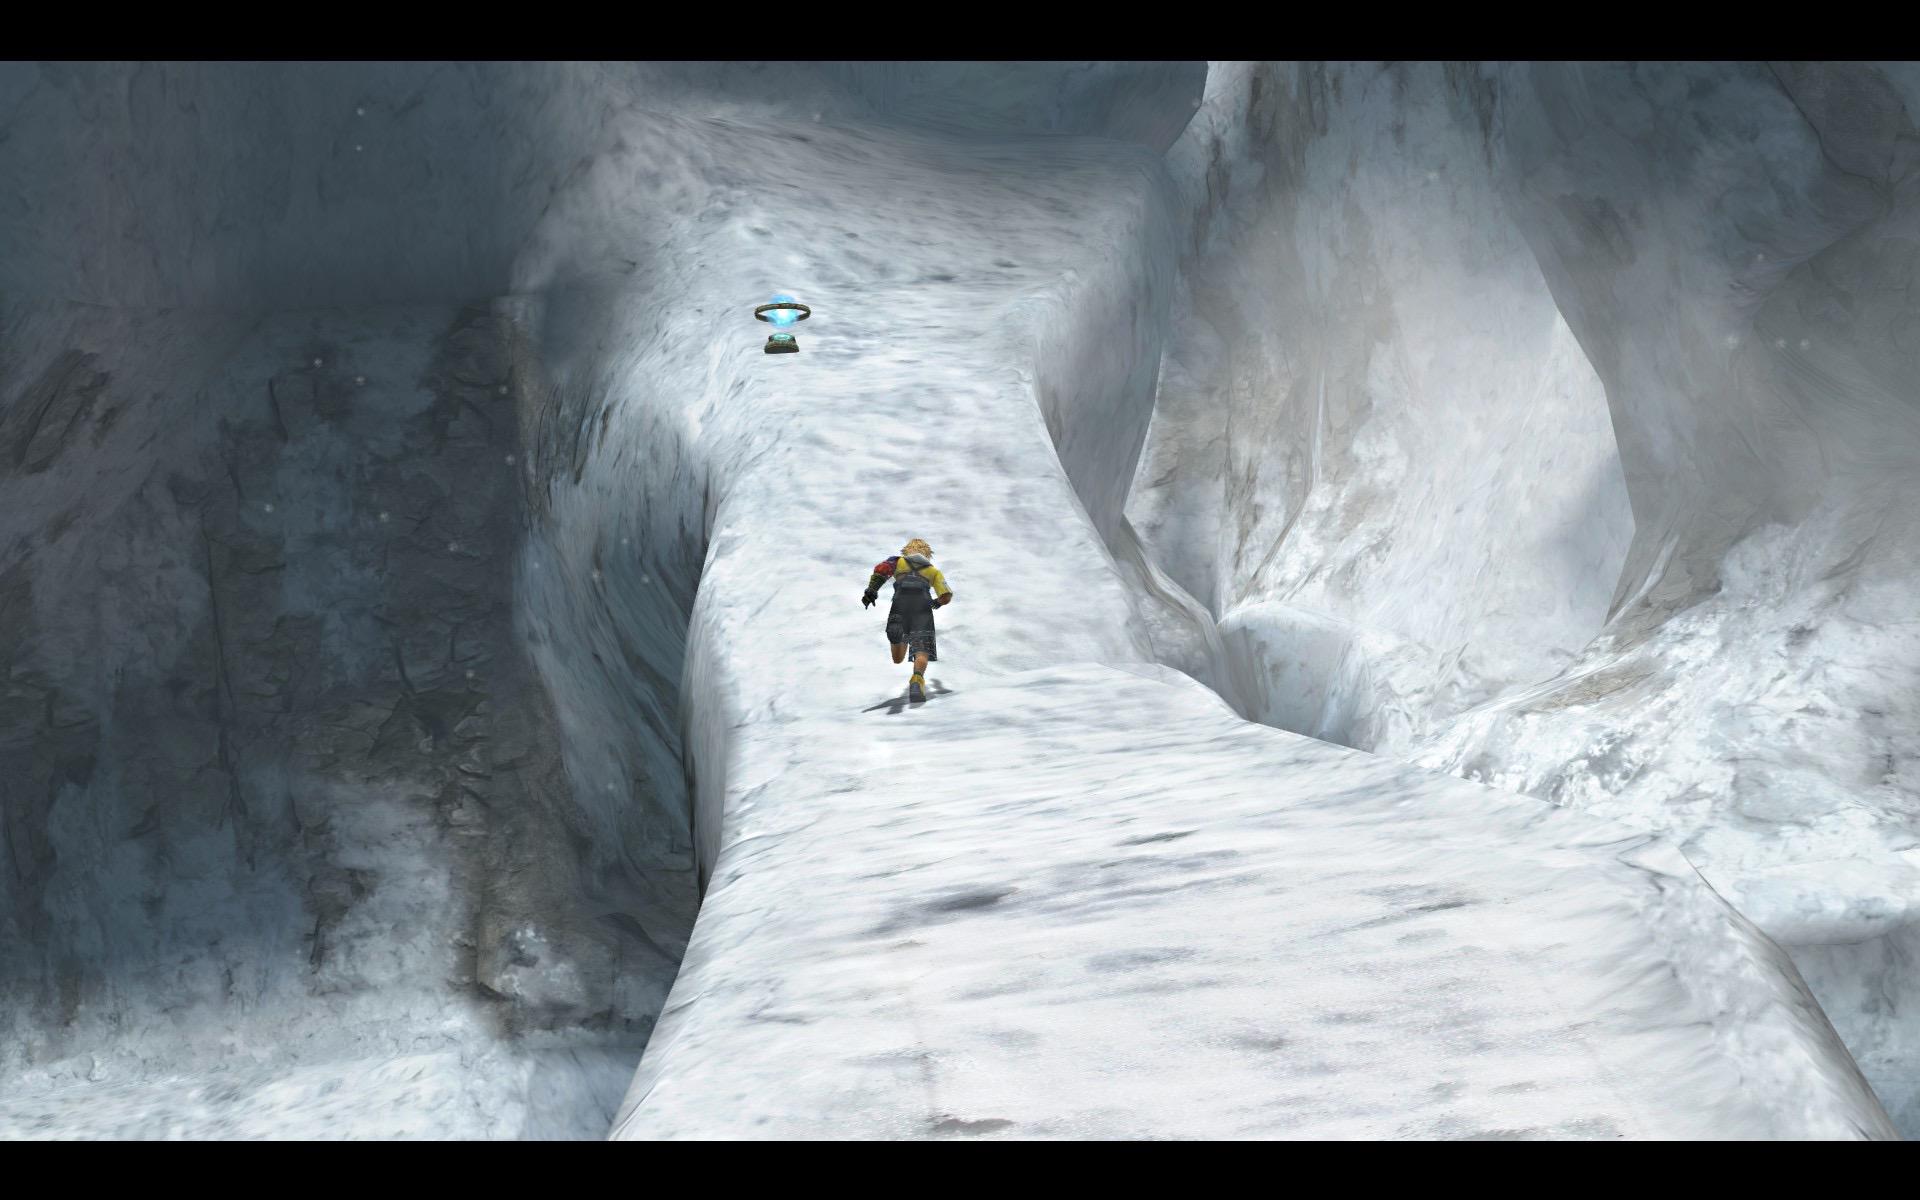 嘎嘎扎特山登山道